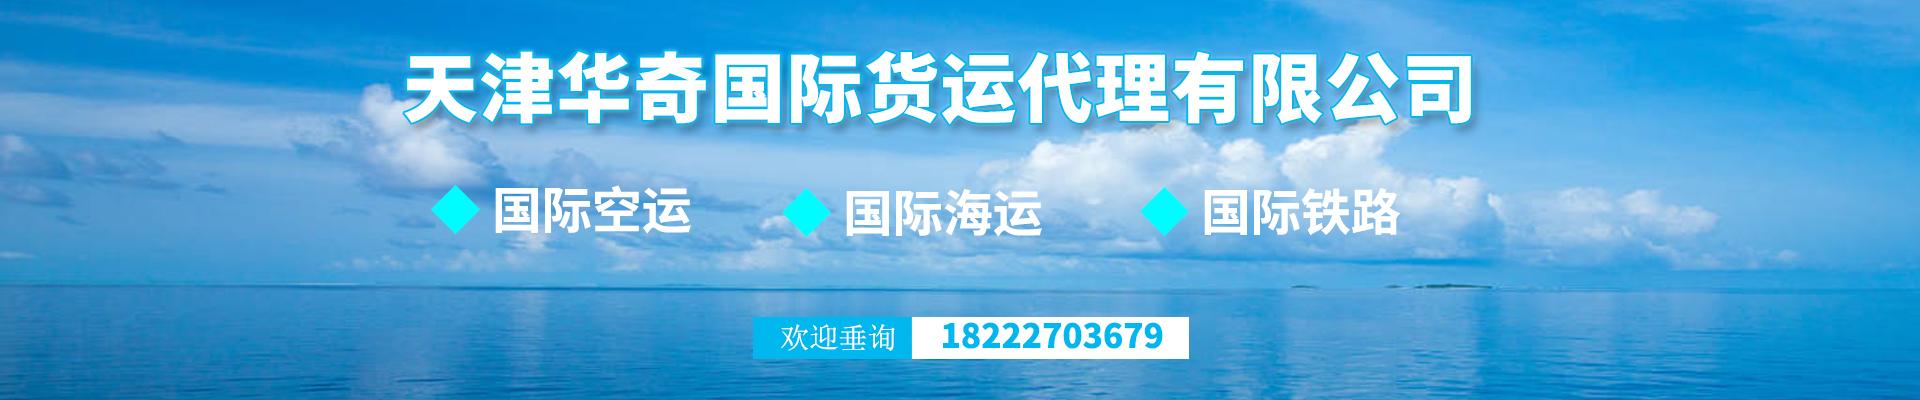 天津华奇国际货运代理有限公司